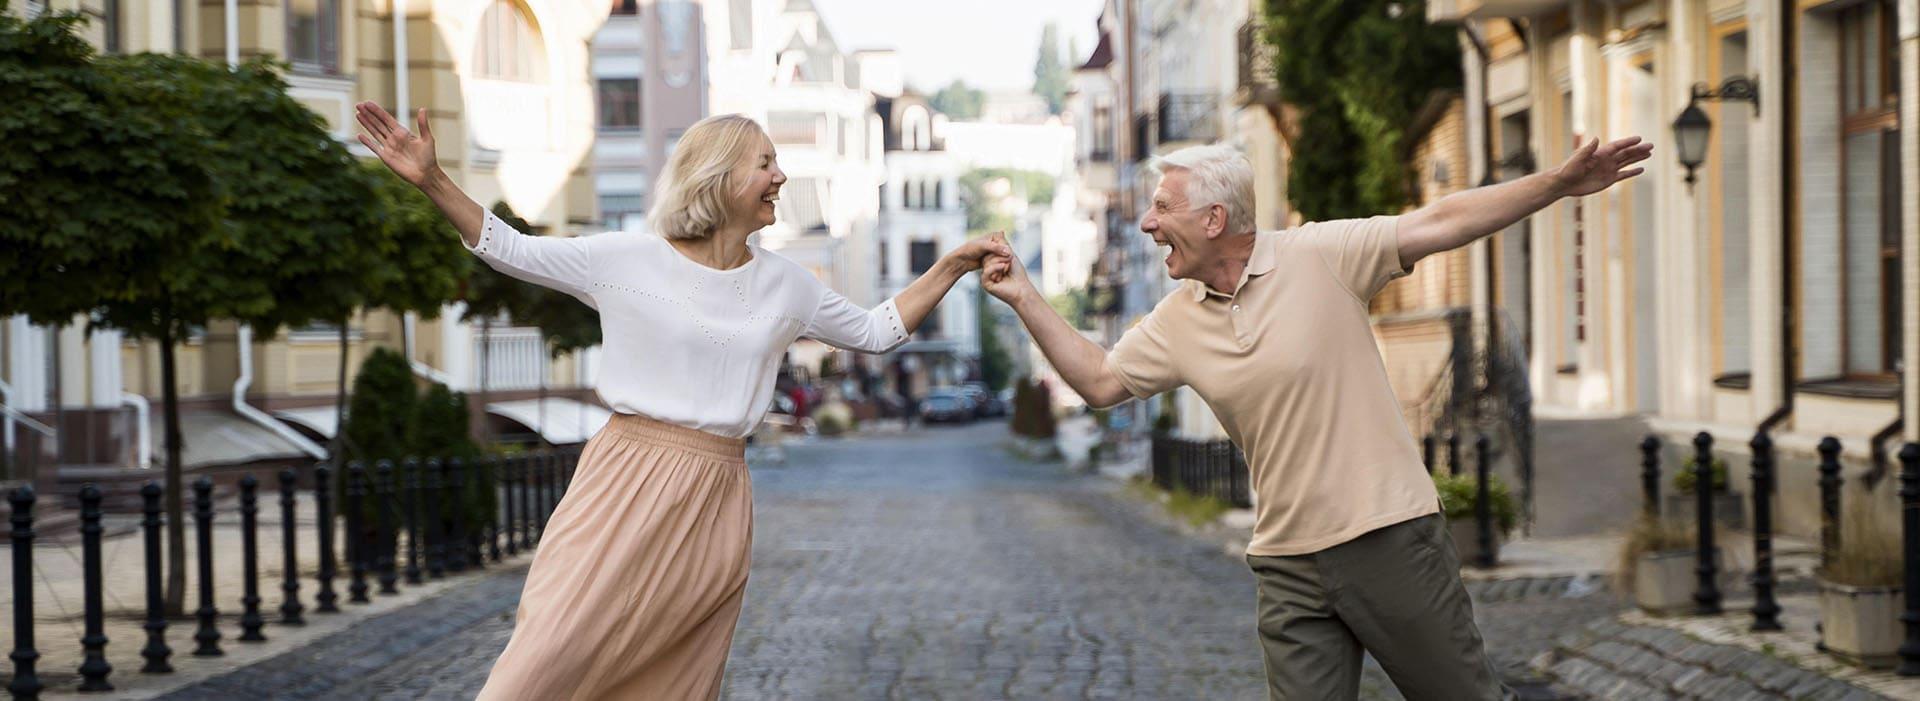 Expertenbewertung Wohnen im Alter in Mainz